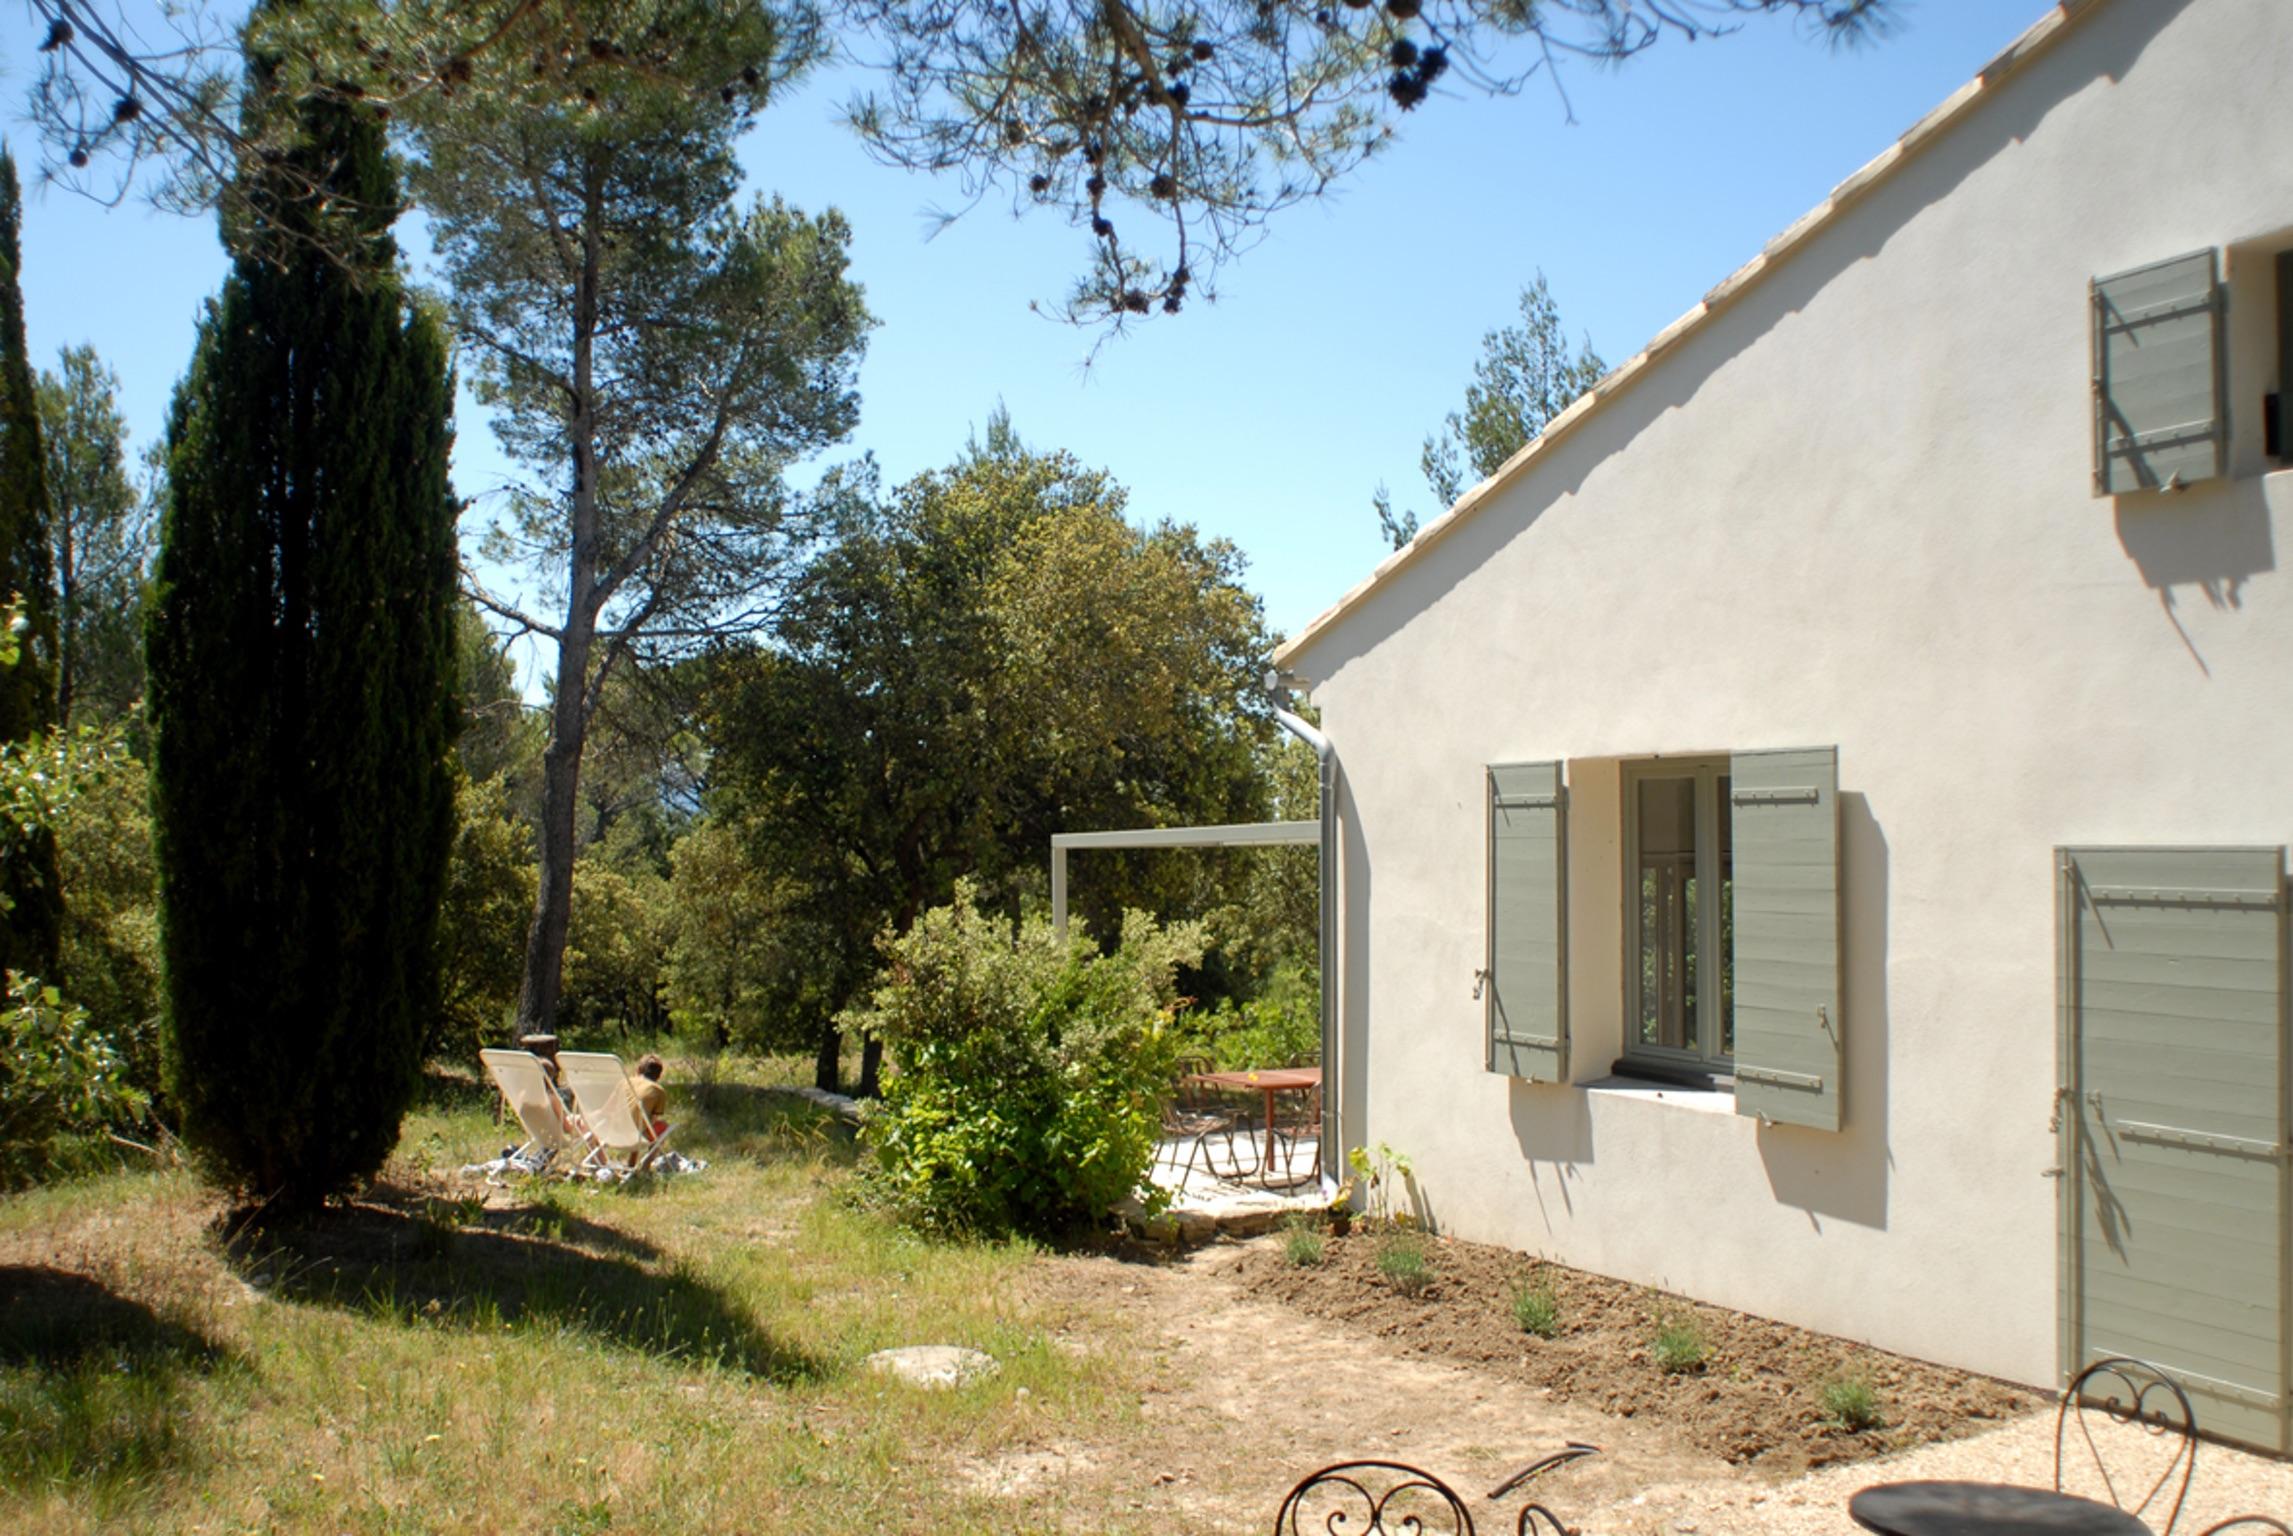 Maison de vacances Herrliches Landhaus in L'Isle-sur-la-Sorgue mit großem Gemeinschaftspool und herrlichem Bl (2202725), L'Isle sur la Sorgue, Vaucluse, Provence - Alpes - Côte d'Azur, France, image 13